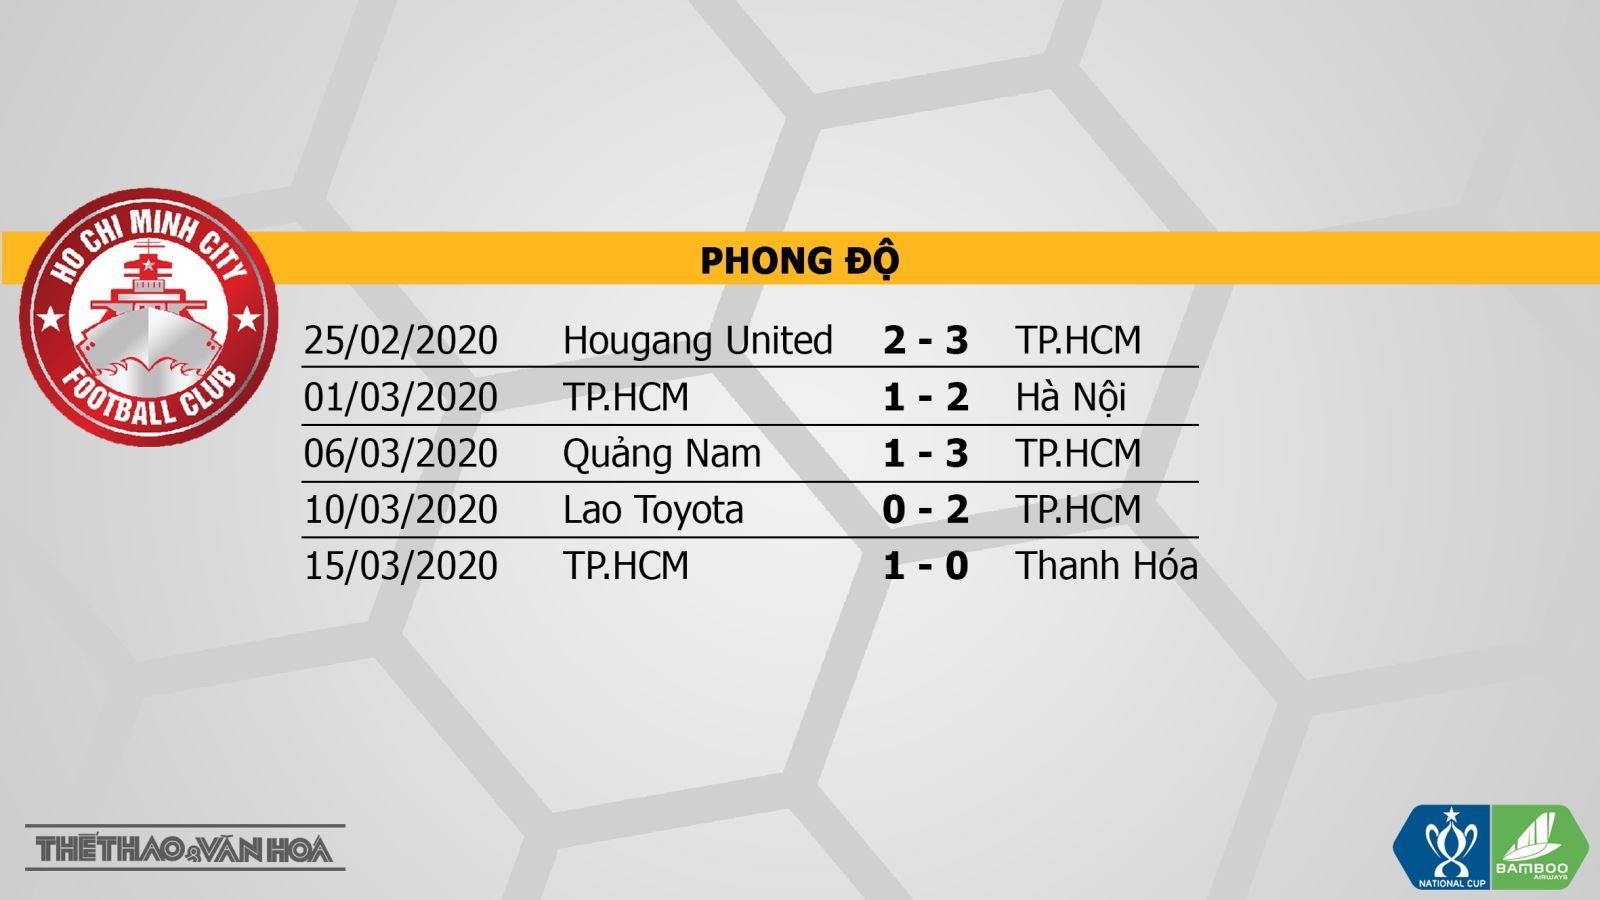 bóng đá, bong da, soi kèo TP Hồ Chí Minh vs SHB Đà Nẵng, nhận định TP Hồ Chí Minh vs SHB Đà Nẵng, TP Hồ Chí Minh, SHB Đà Nẵng